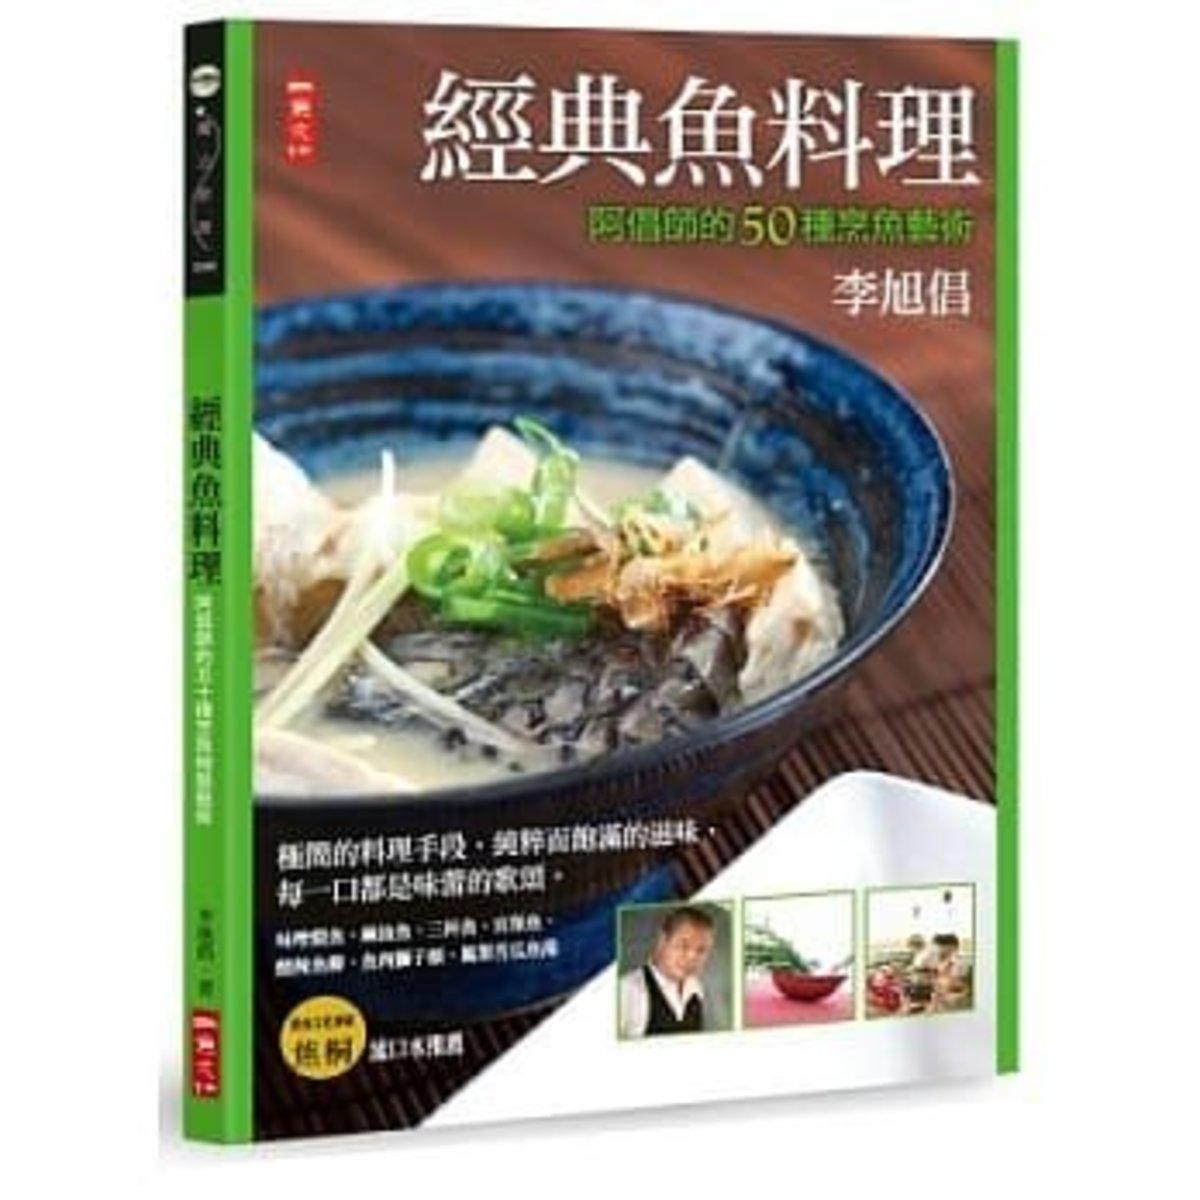 經典魚料理:阿倡師的50種烹魚藝術